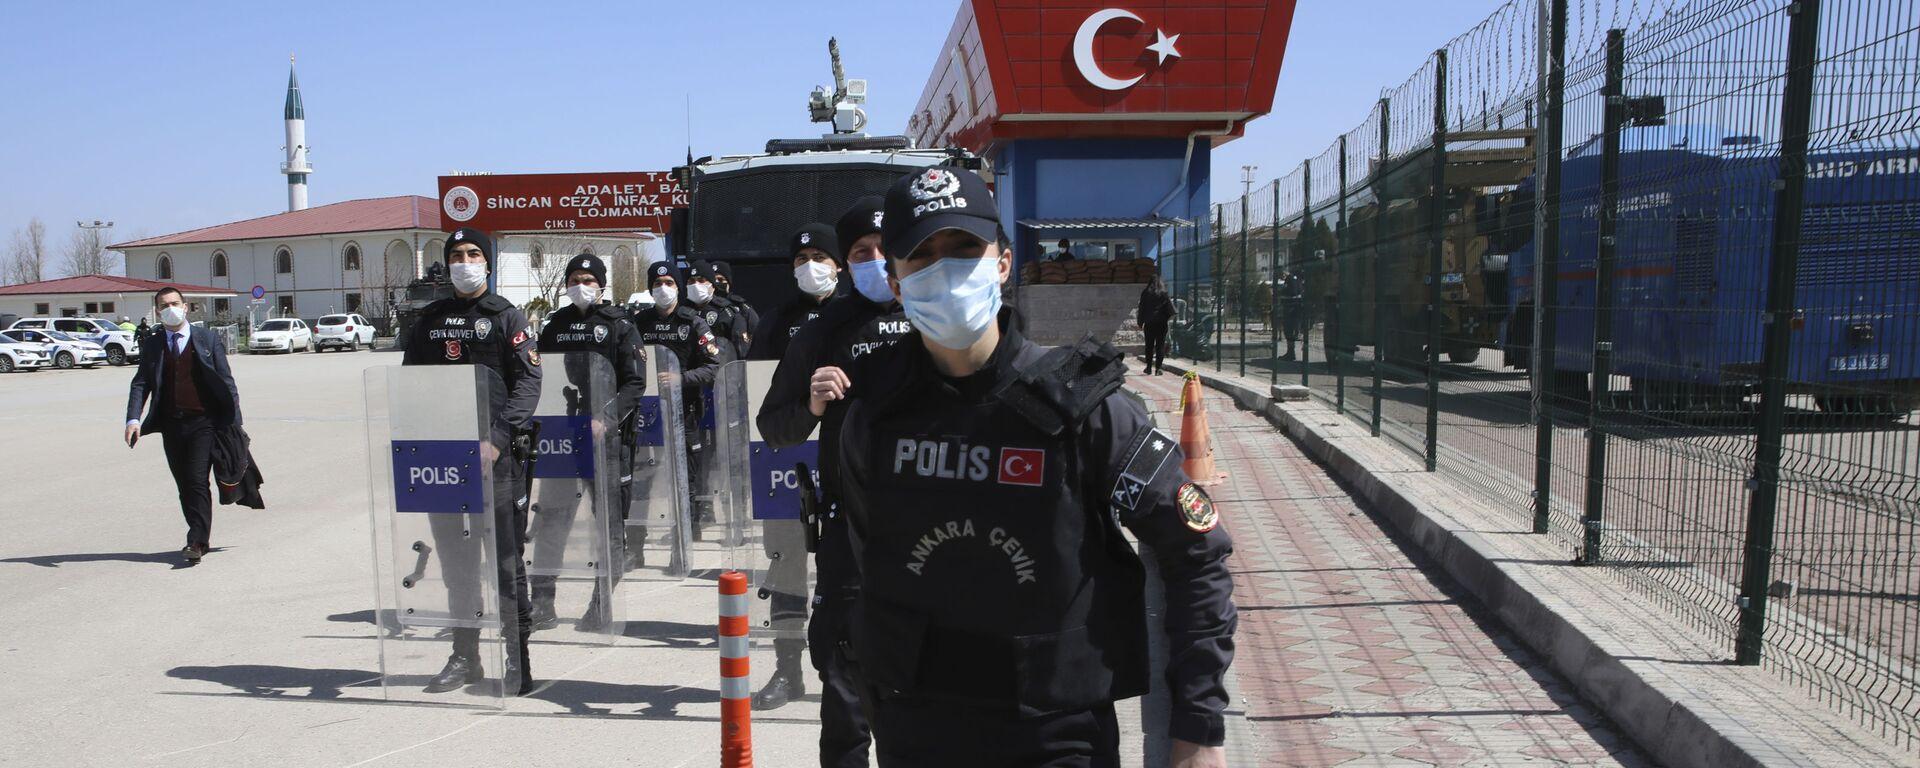 Турция. Турецкие полицейские близ Анкары на базе - Sputnik Грузия, 1920, 12.04.2021